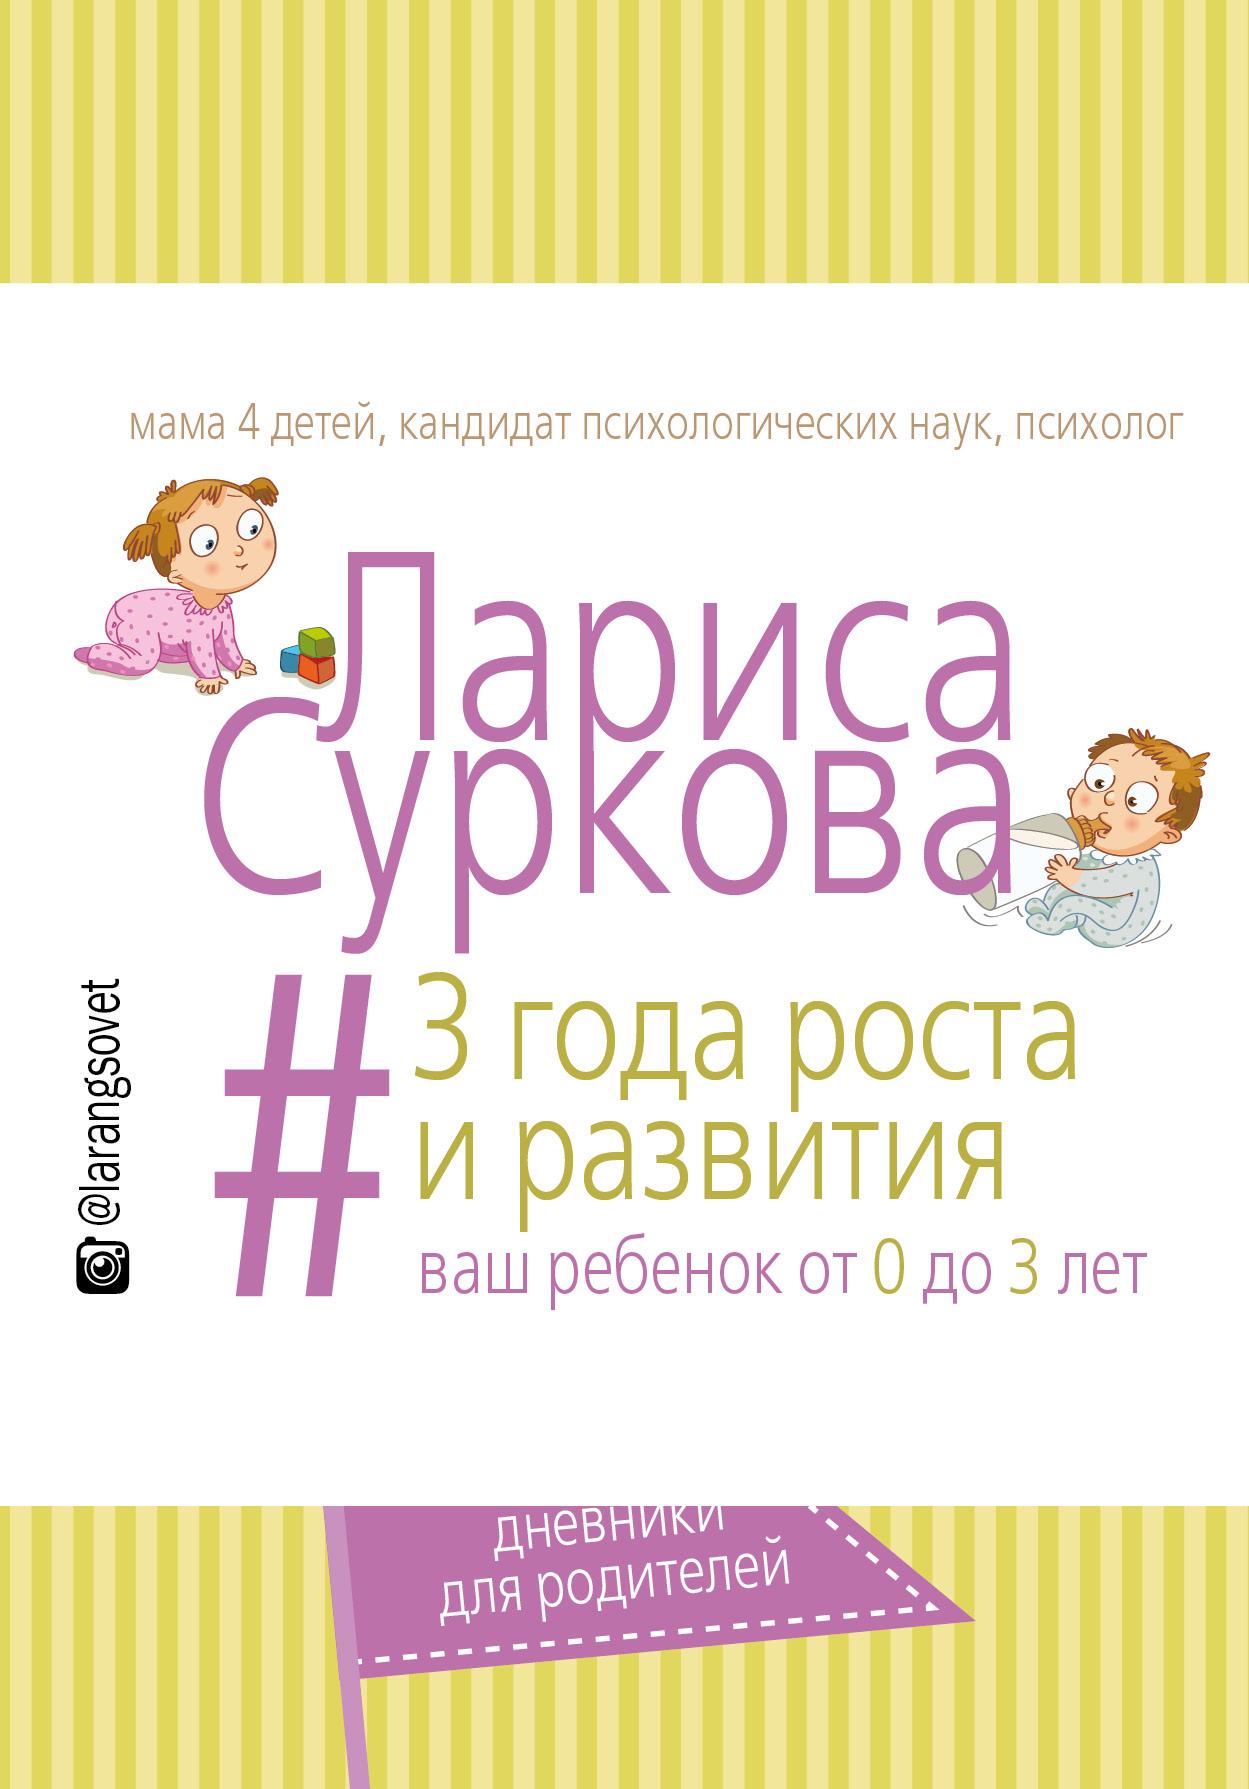 Суркова Лариса Михайловна 3 года роста и развития: ваш ребенок от 0 до 3 лет